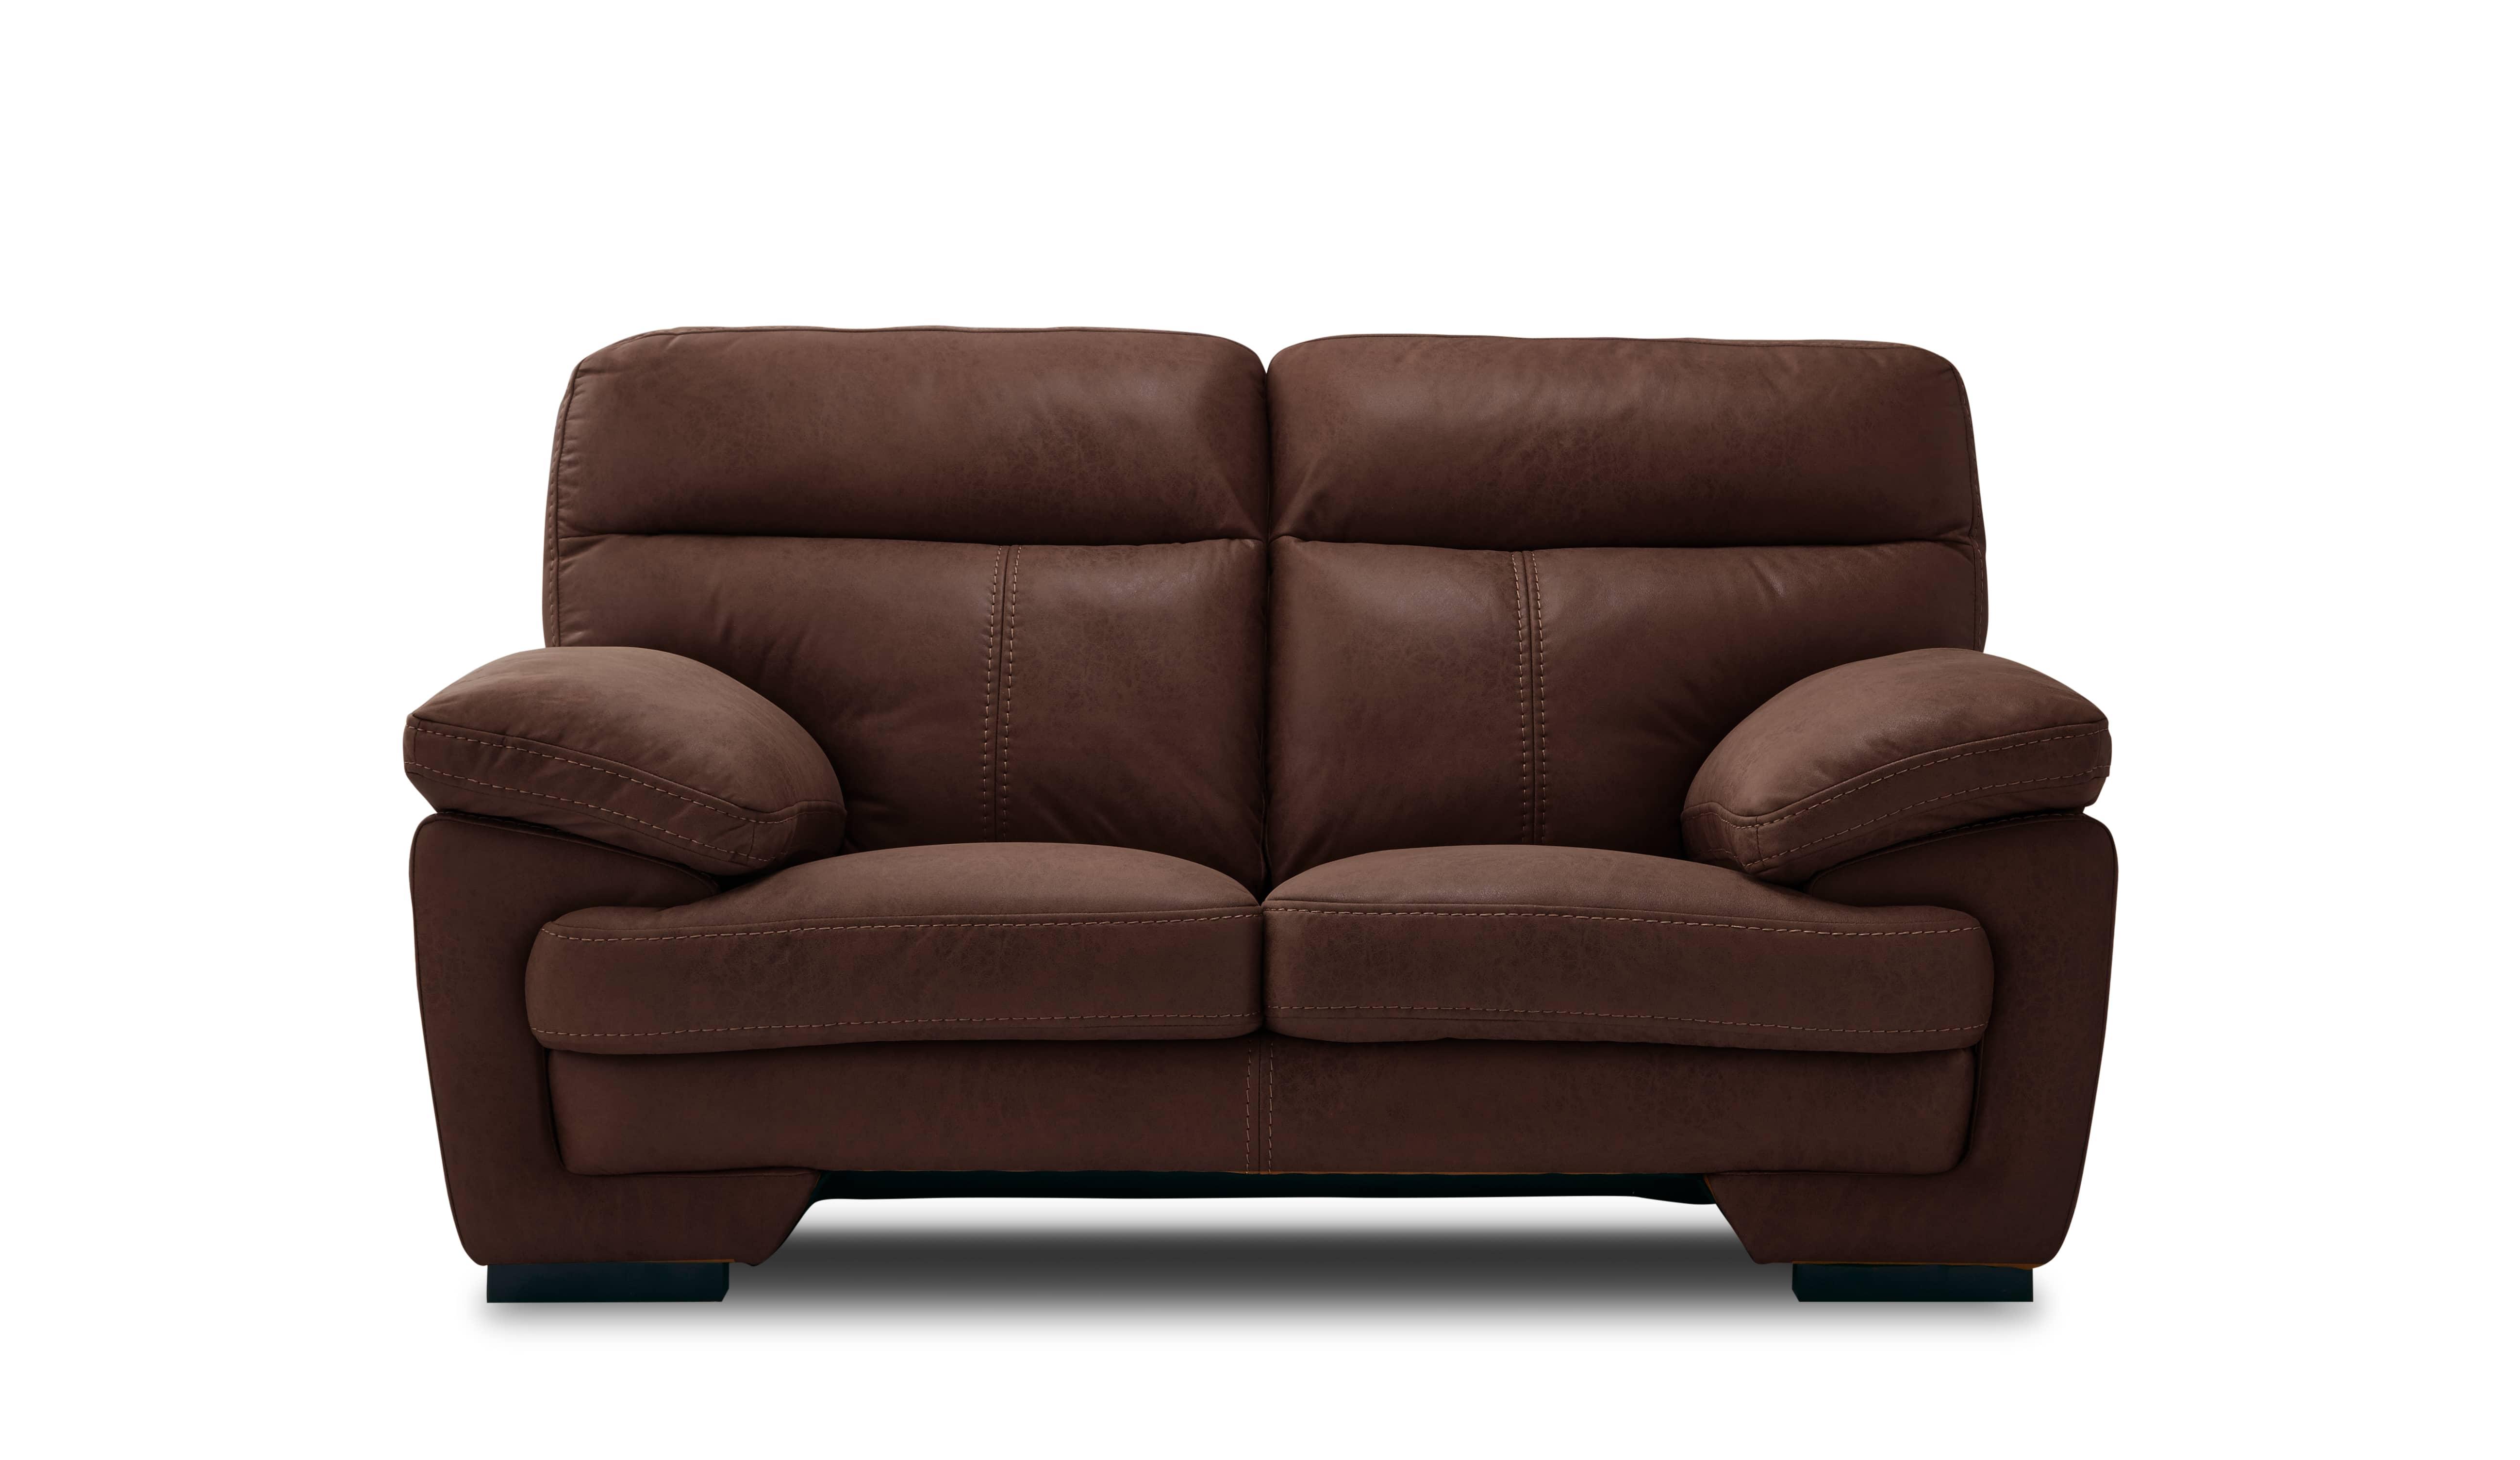 2人掛けソファー イゾラ カカオ:◆新素材「レザーテックス」を使用したソファー